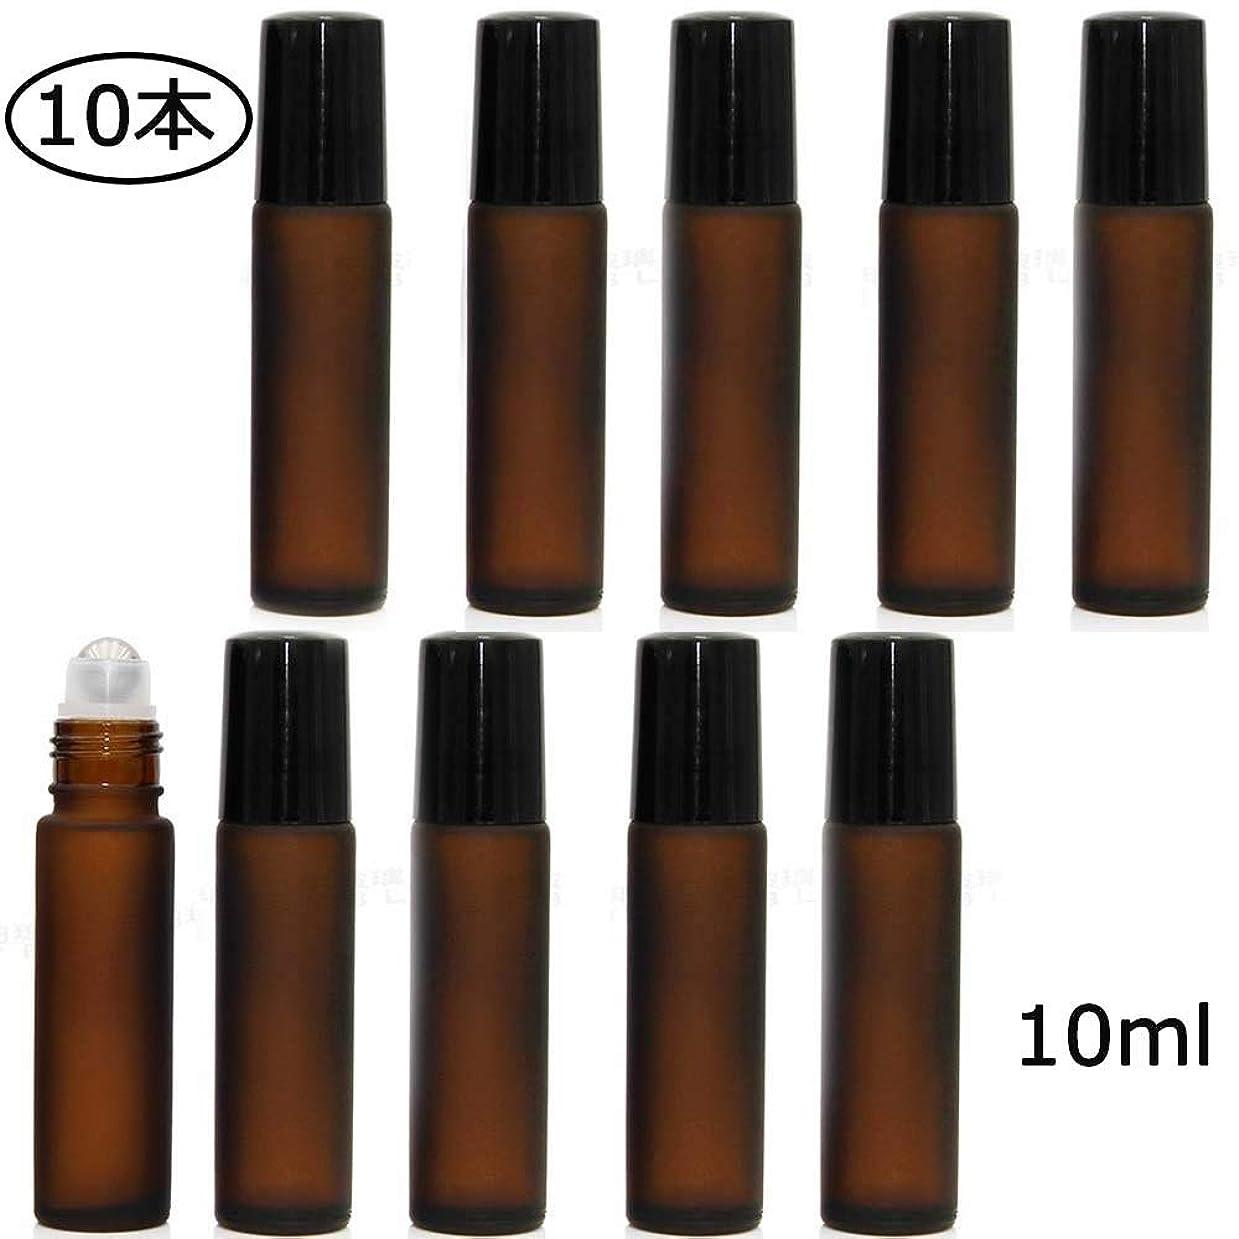 隠す激しい燃やすgundoop ロールオンボトル アロマオイル 精油 小分け用 遮光瓶 10ml 10本セット ガラスロールタイプ (茶色)